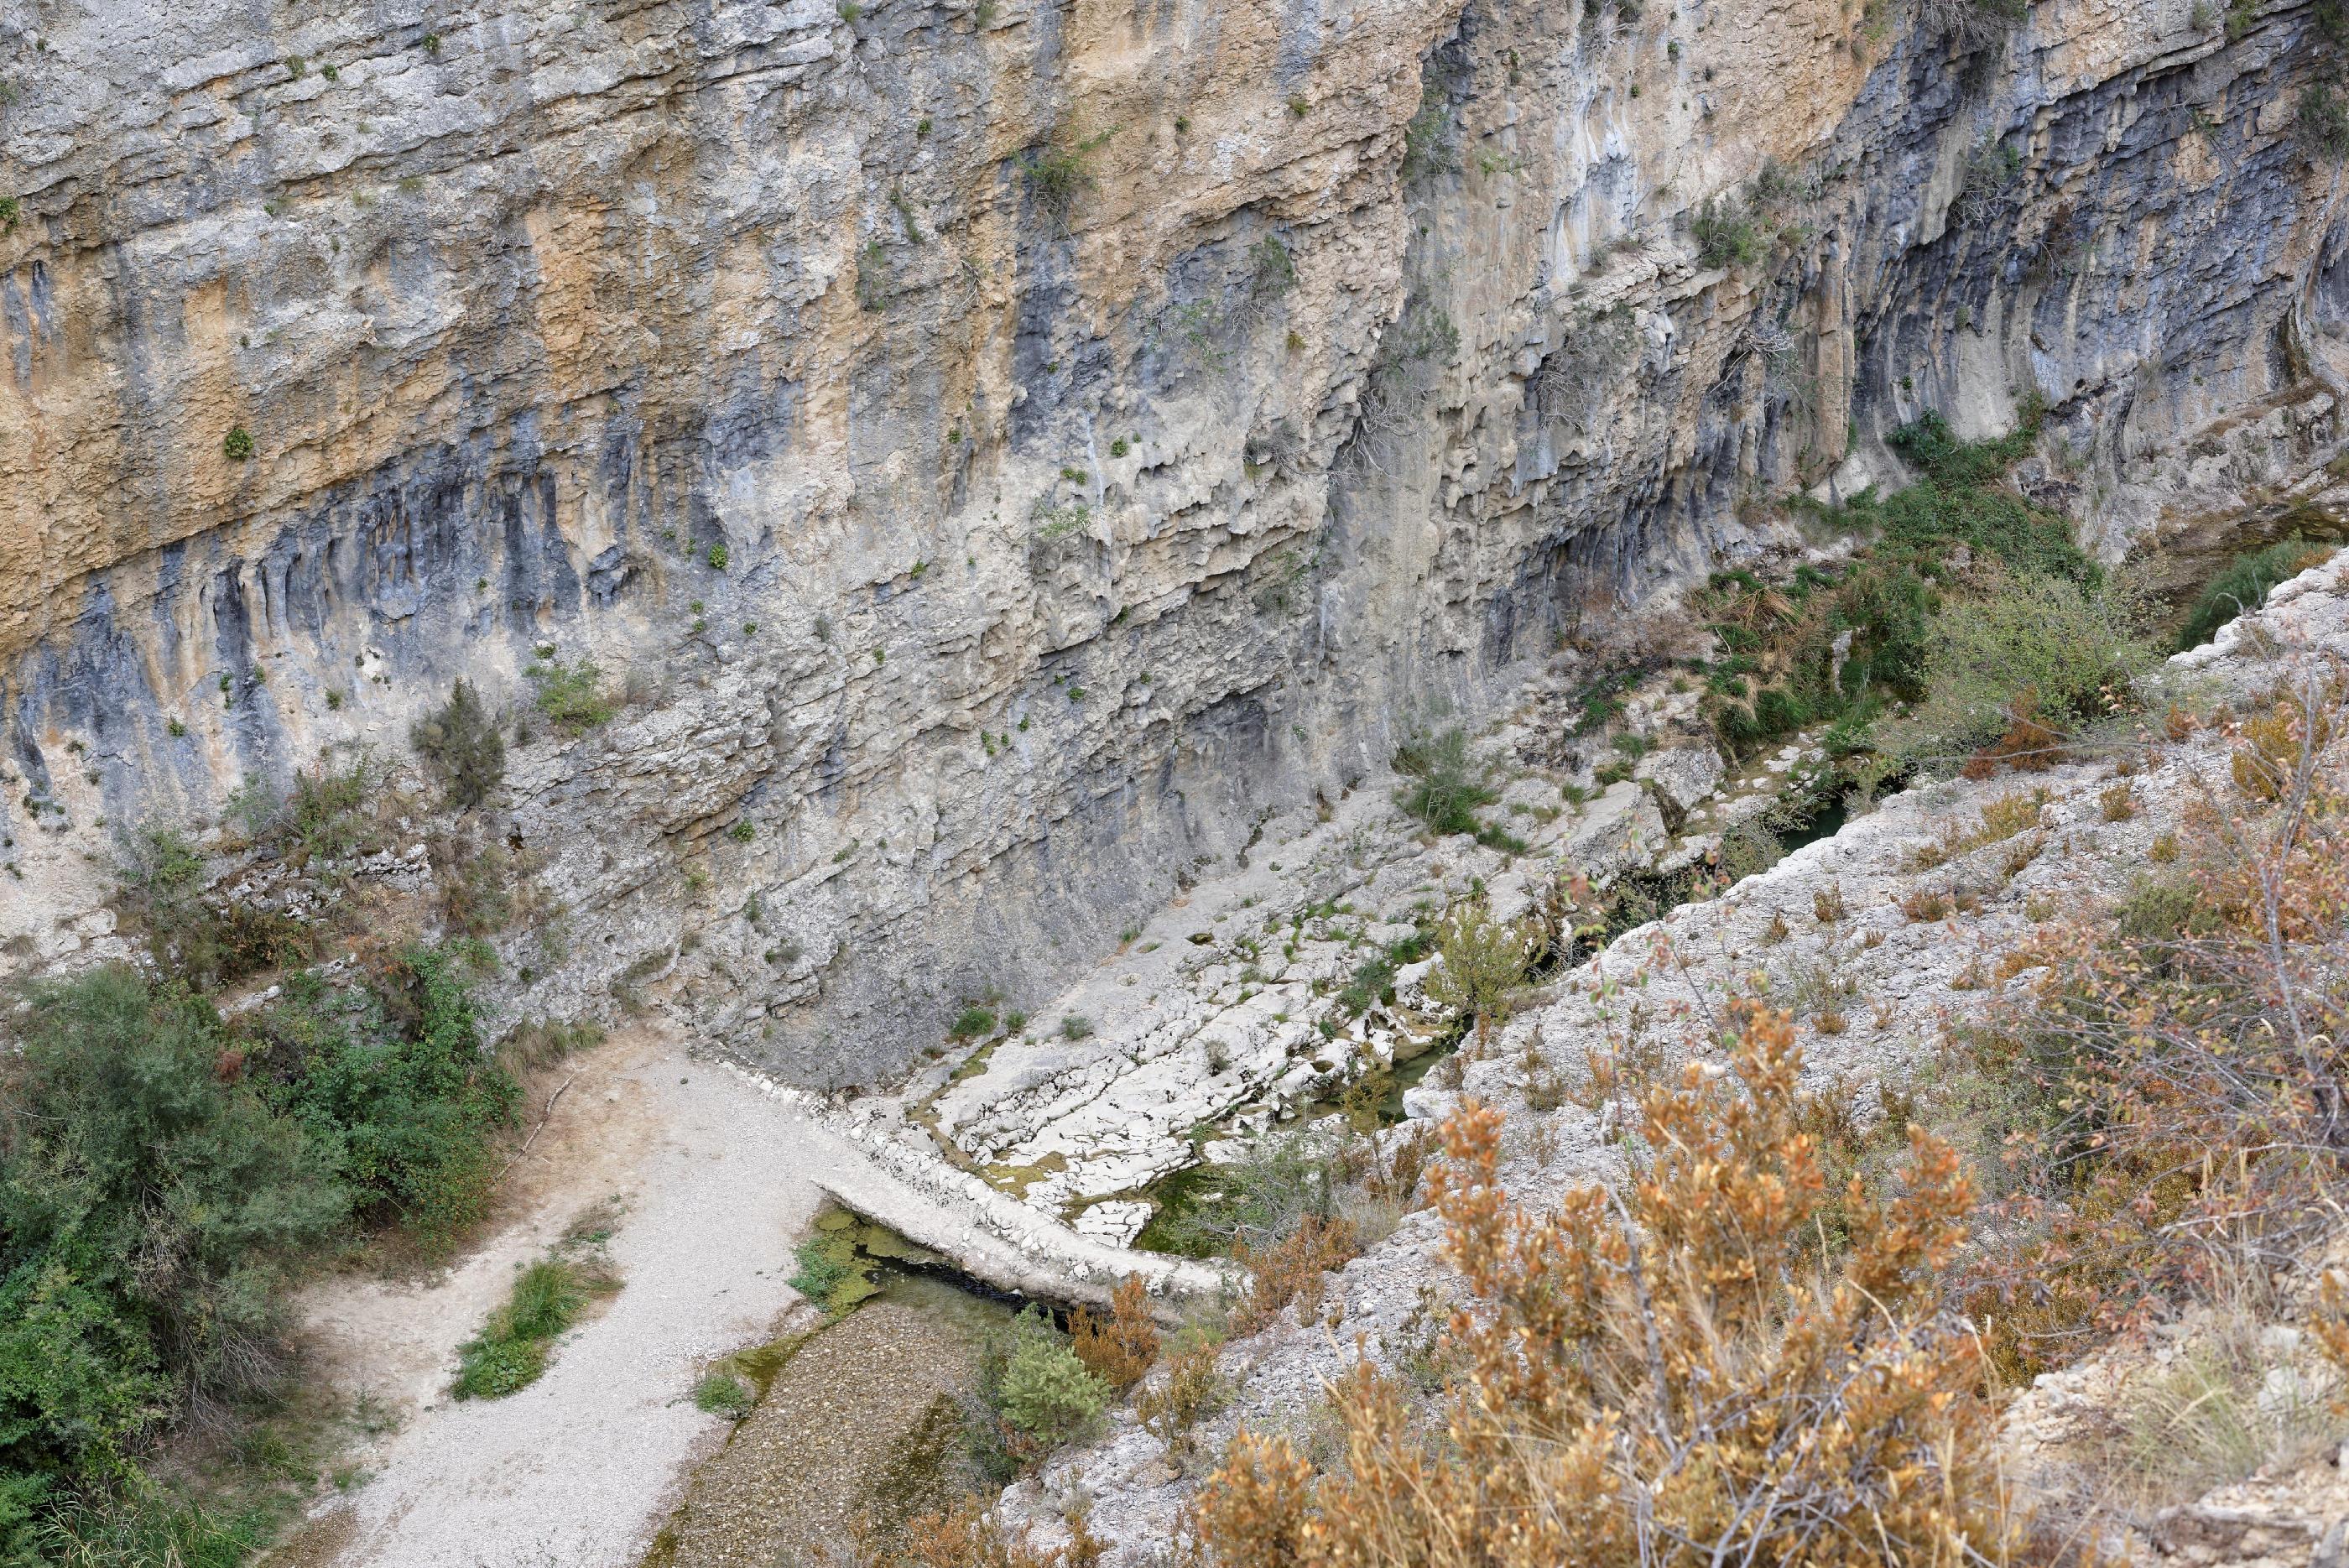 160909-lecina-marche-canyon-del-rio-vero-puente-de-villacantal-sierra-de-guara-aragon-17